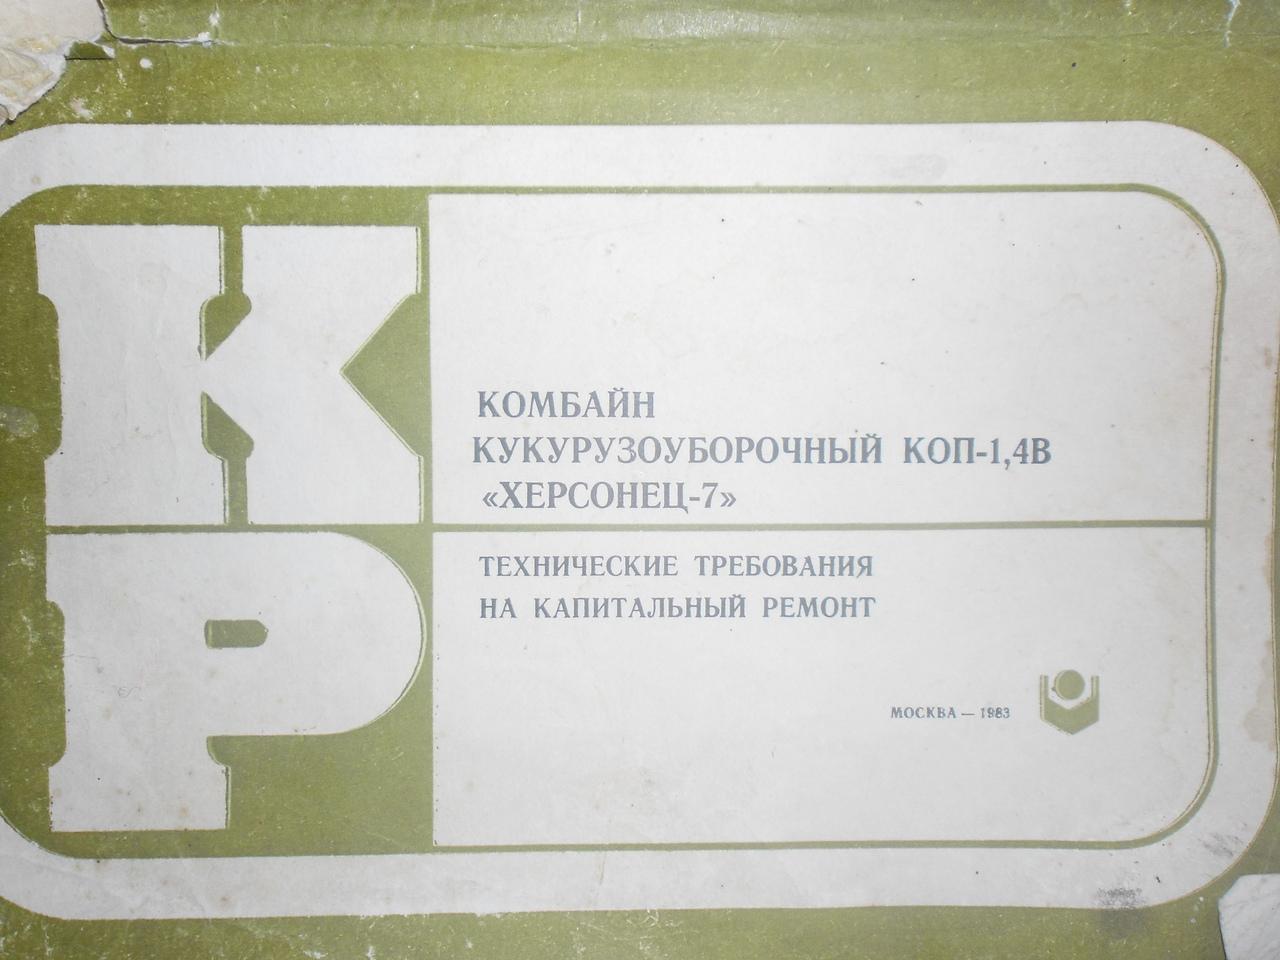 279dbc2ab9804b19b01b2dfa5c9bdeb8.jpg